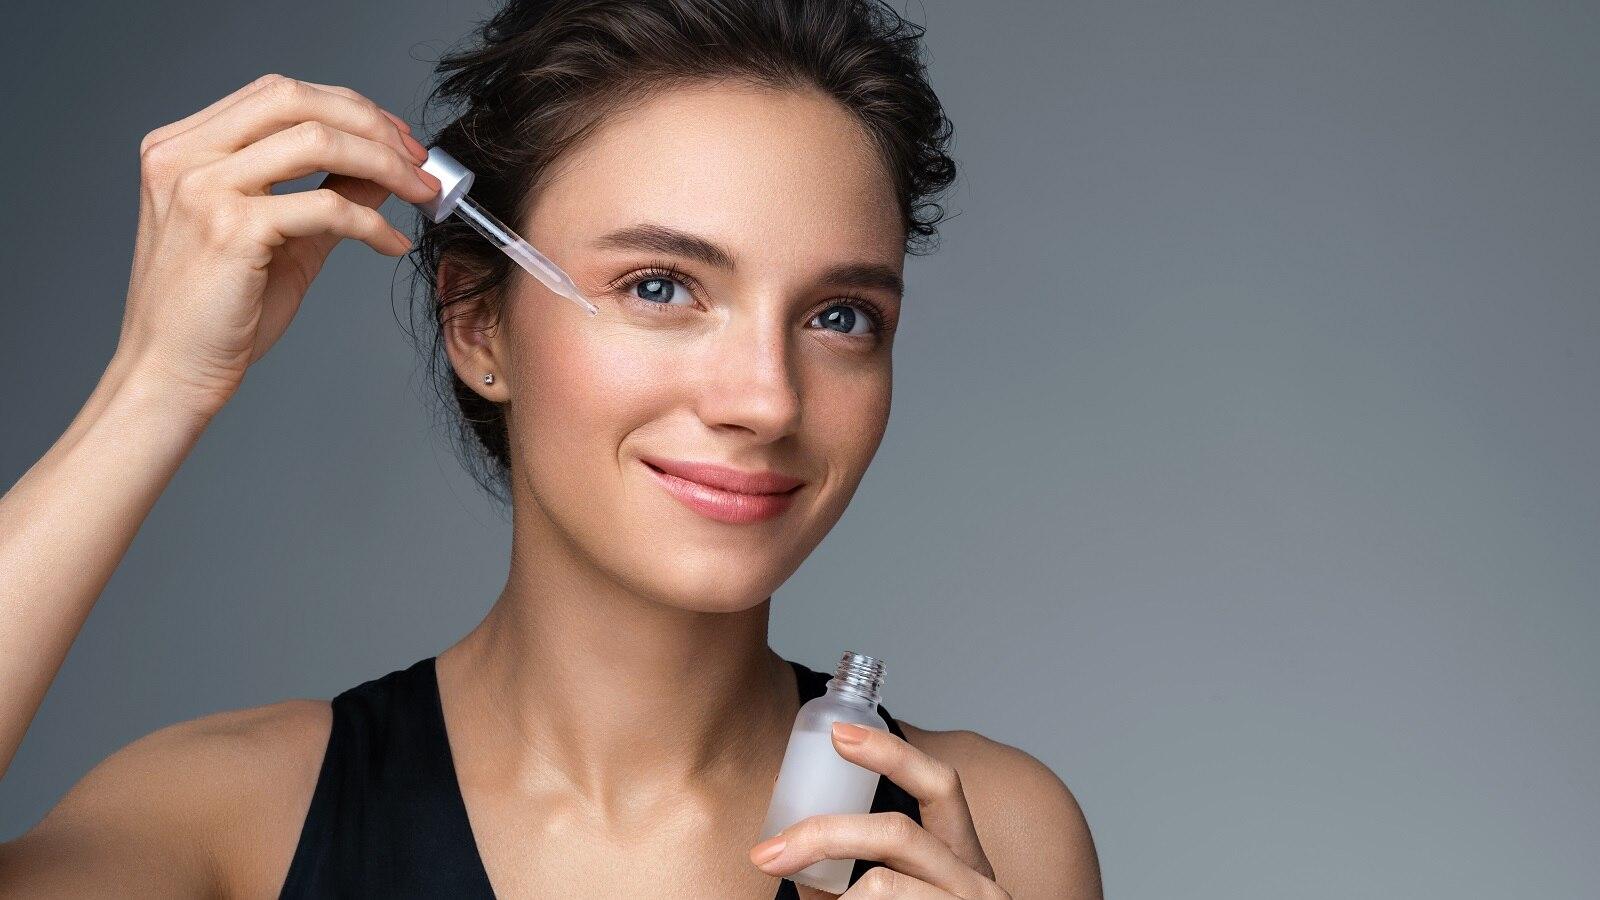 सीरम या मॉइस्चराइजर! कन्फ्यूज हैं कि आपकी त्वचा को क्या चाहिए? सही चुनाव करने के लिए पढ़ें